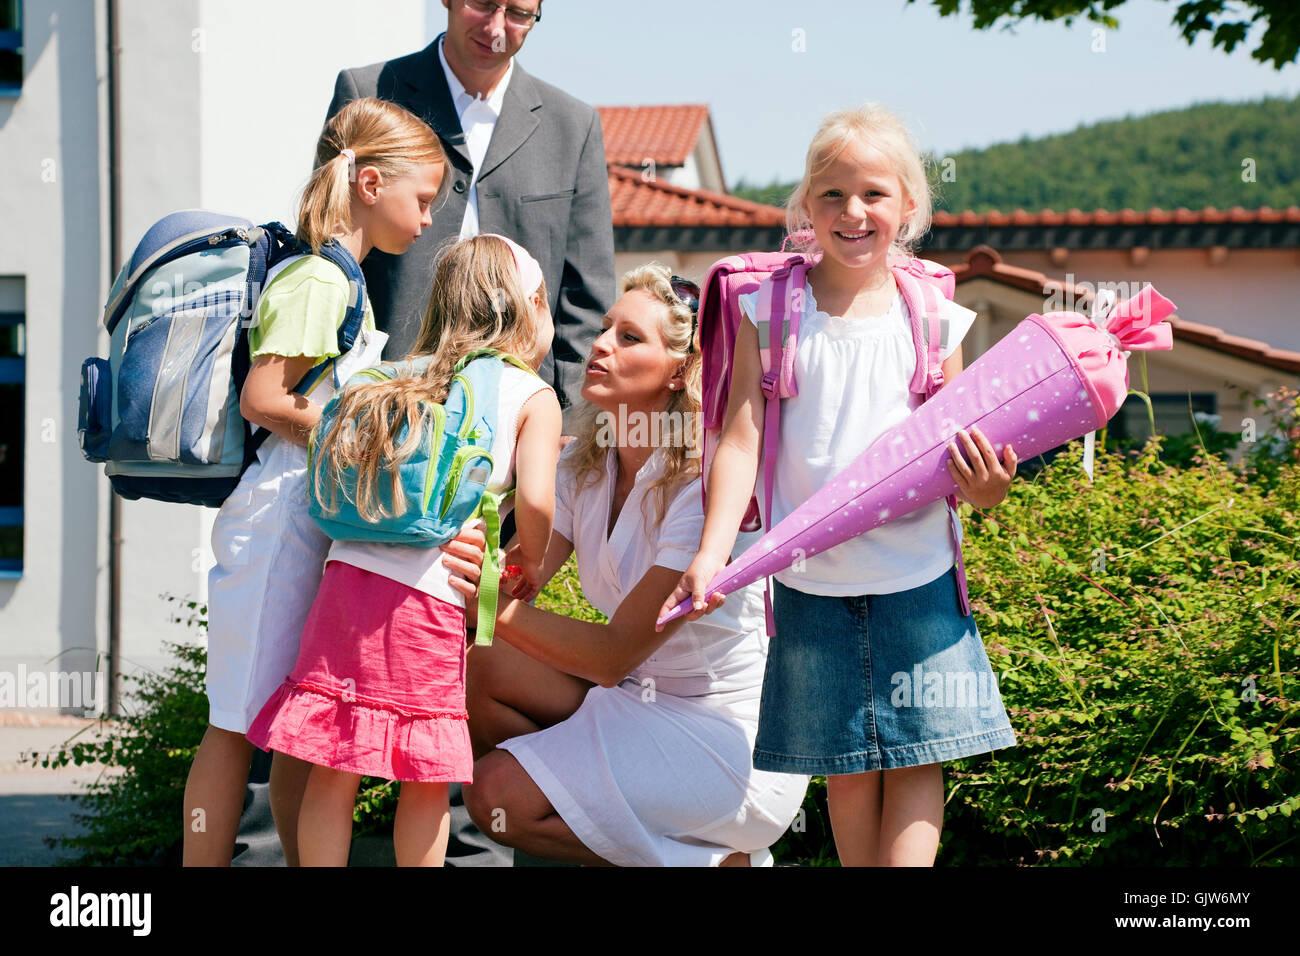 pupil schoolgirl schoolchildren - Stock Image